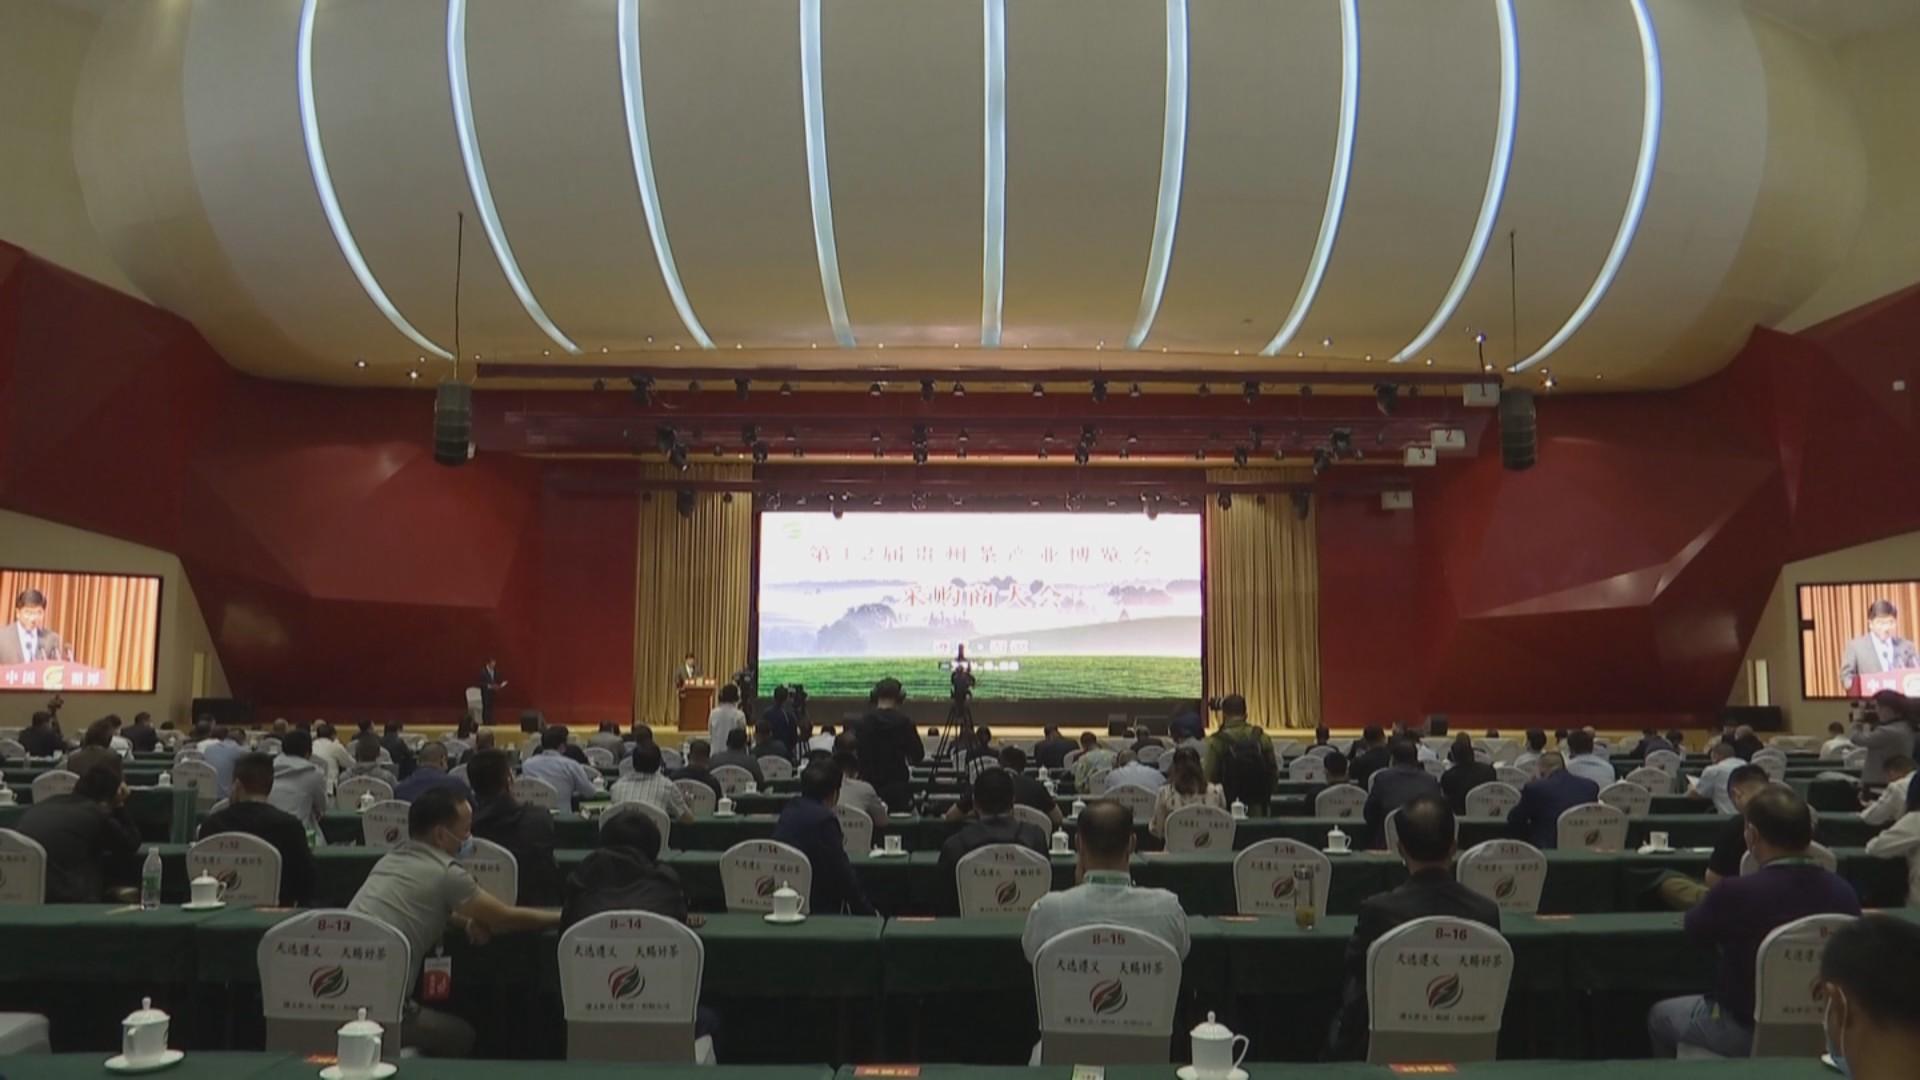 干净黔茶 全球共享 第12届贵州茶产业博览会开幕 孙志刚 谌贻琴作批示